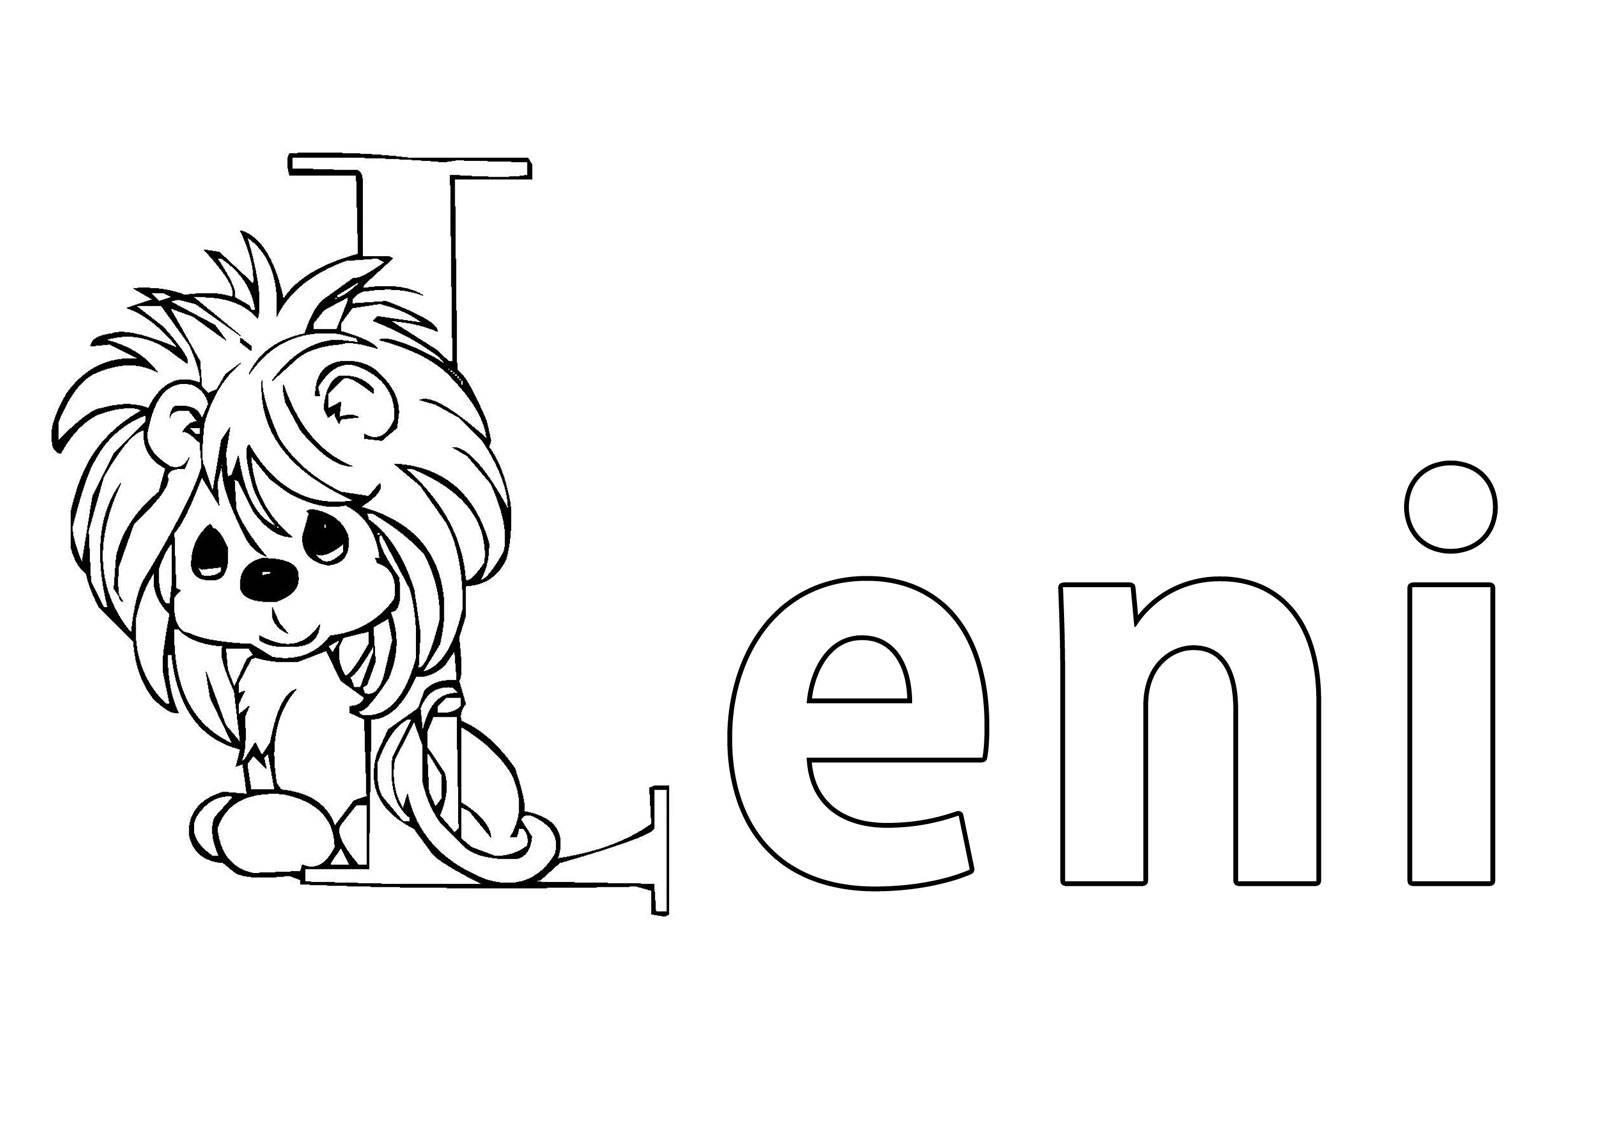 Ausmalbild Beliebte Mädchennamen: Vorname Leni ausmalen kostenlos ...